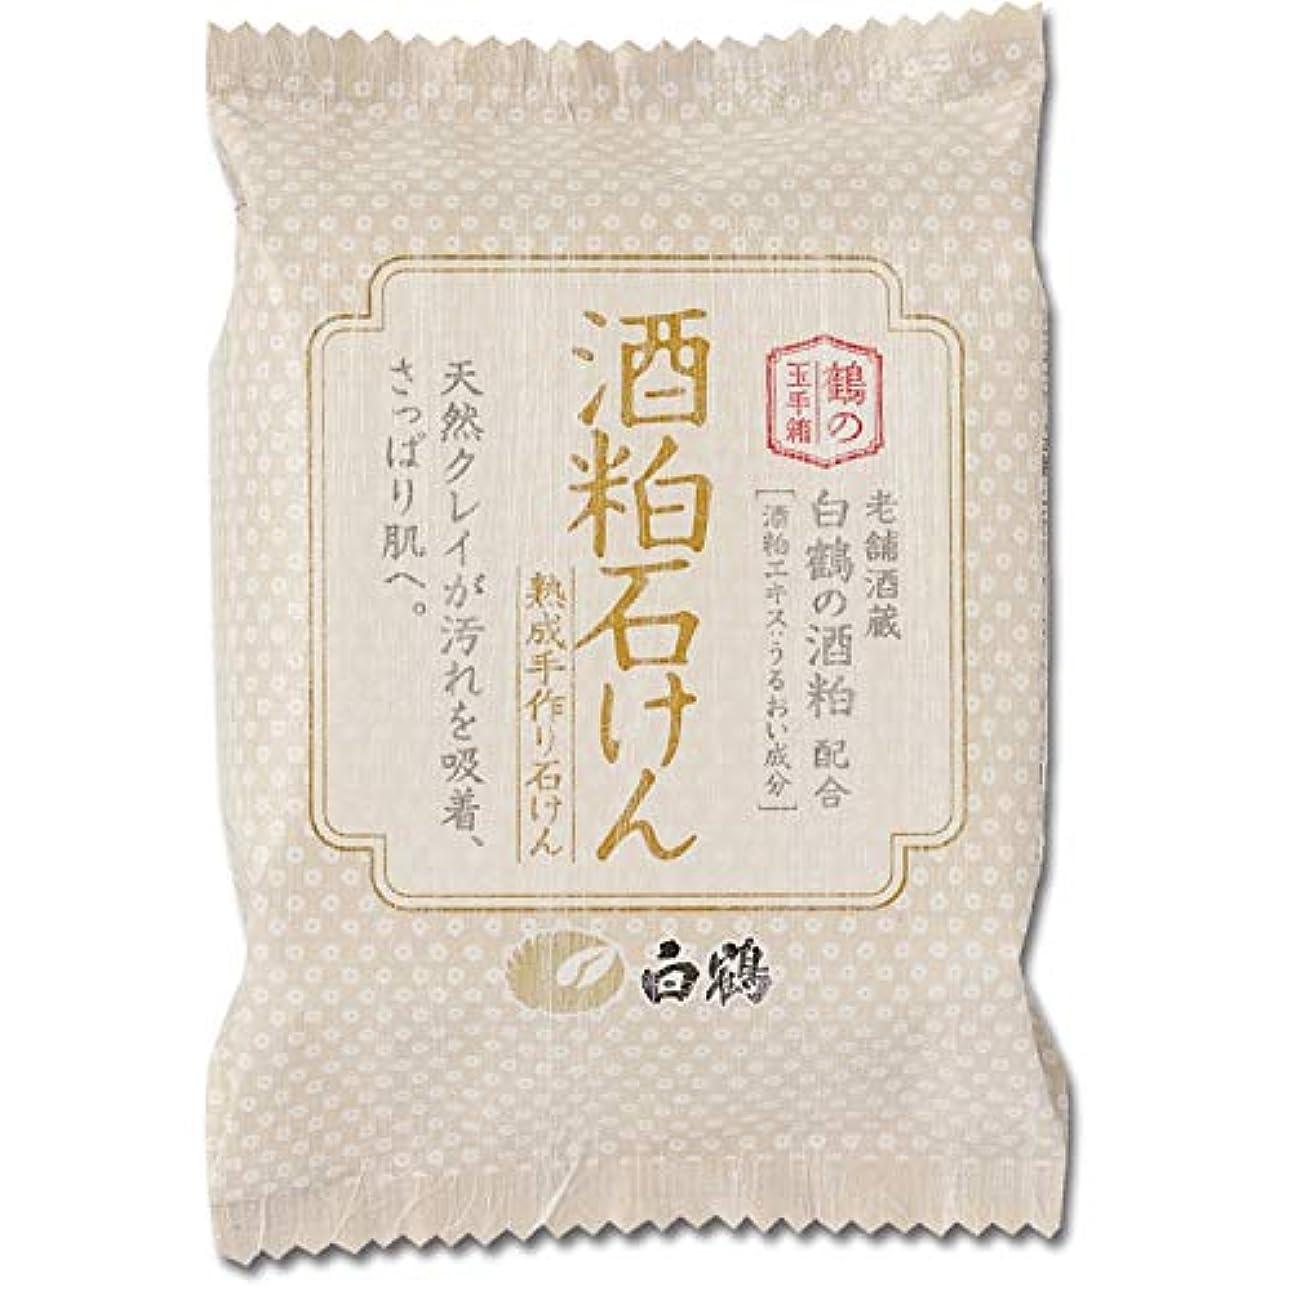 瞑想的子豚プロトタイプ白鶴 鶴の玉手箱 酒粕石けん 100g (全身用石鹸)